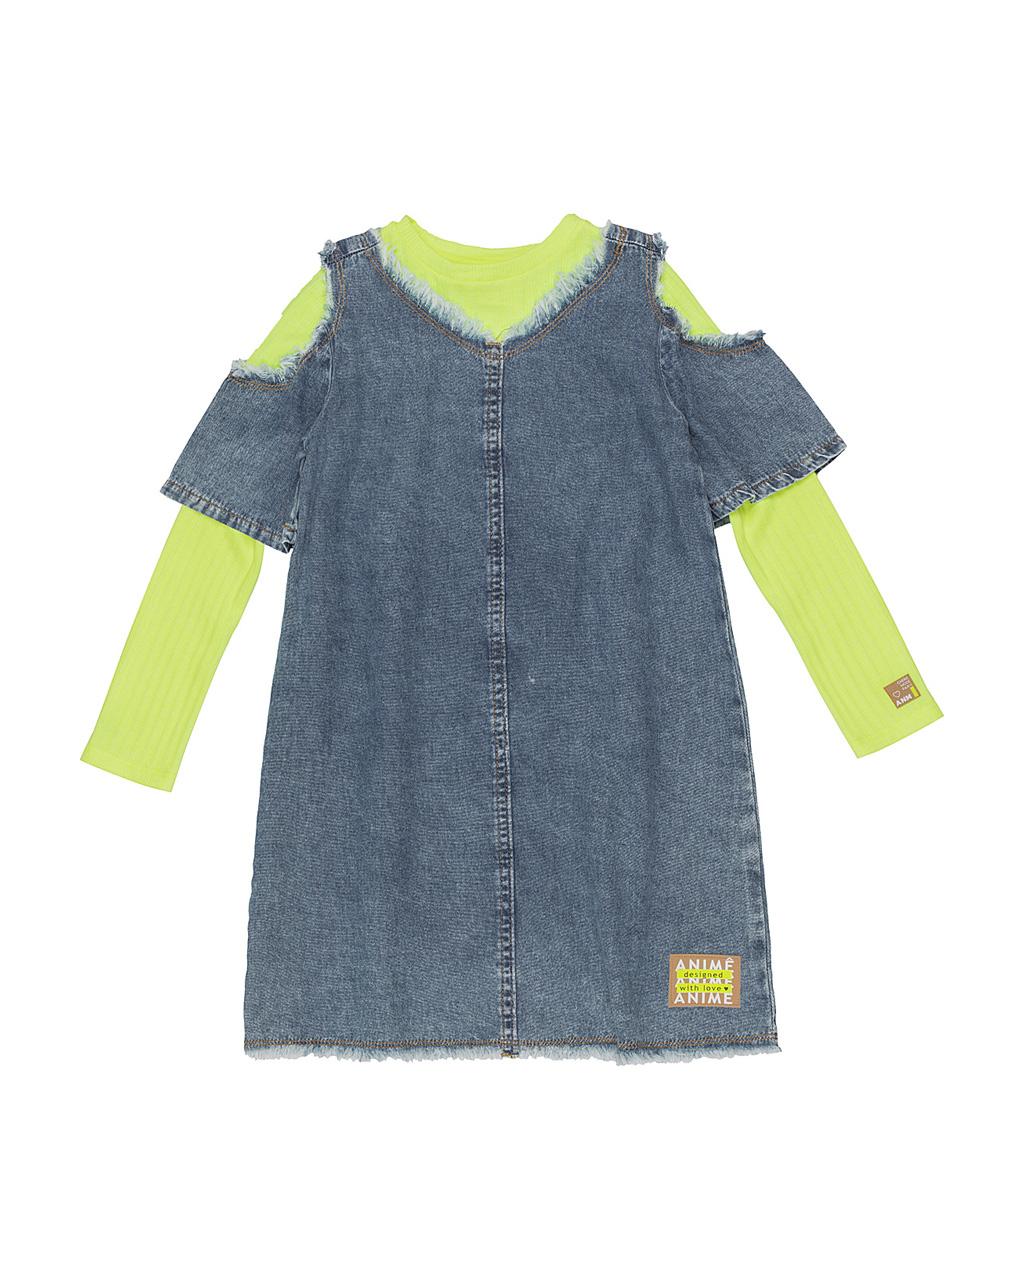 Vestido Infantil Jeans Levitá Com Blusa Canelado Amarelo Neon Animê